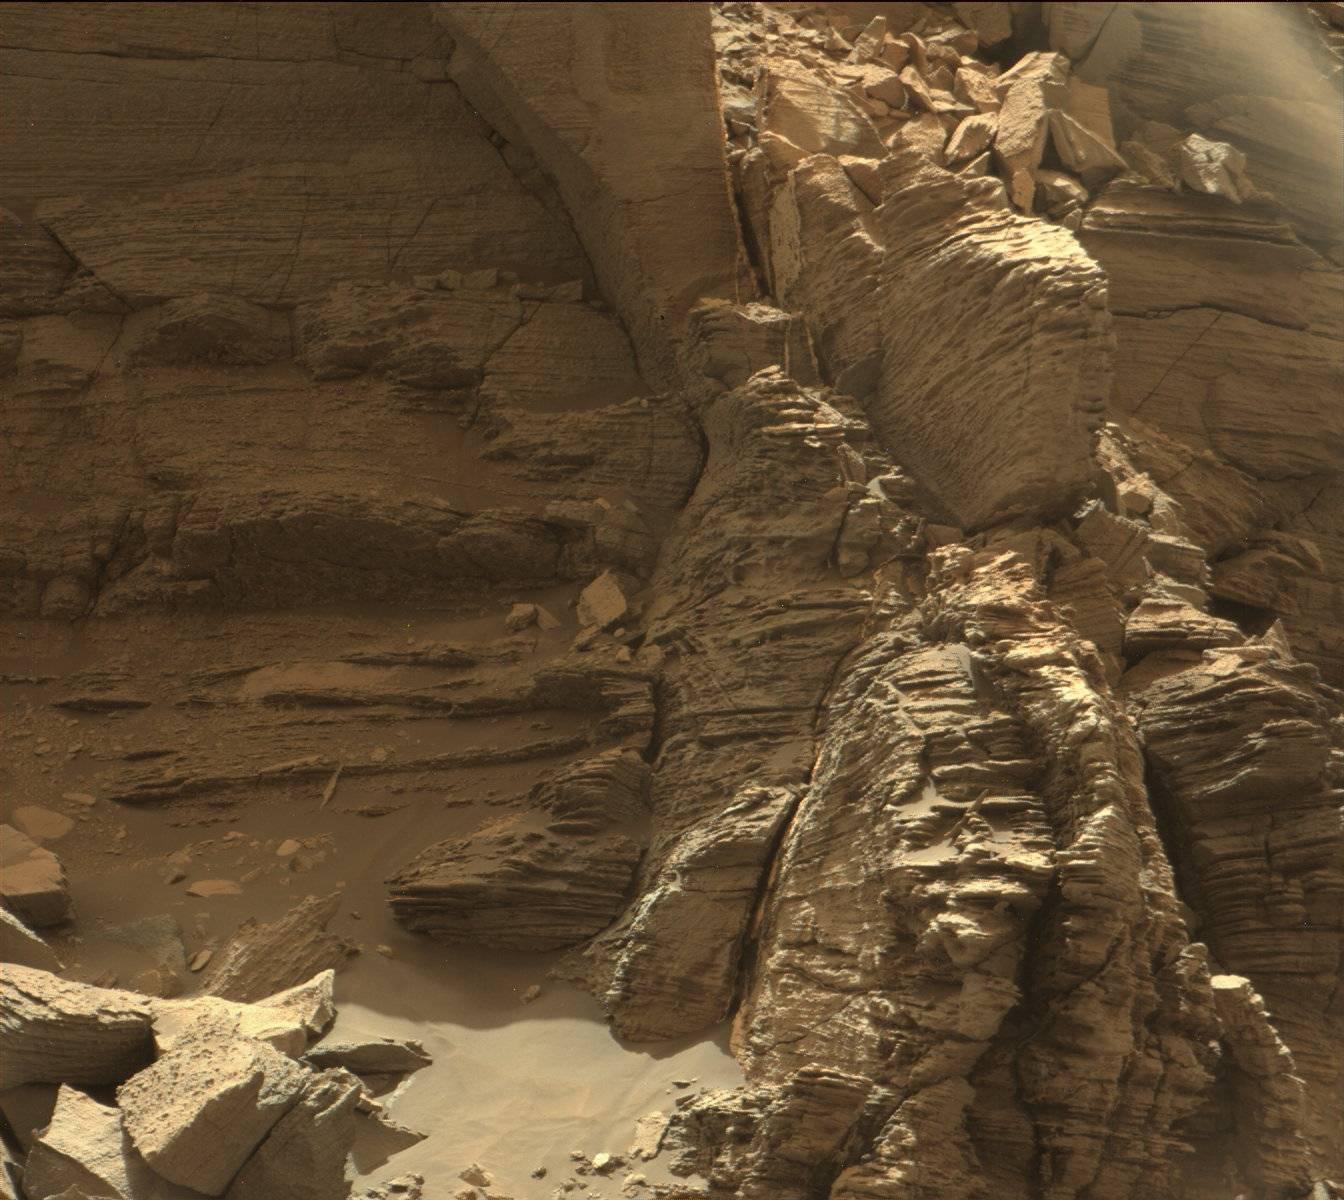 mars rover gewicht - photo #35